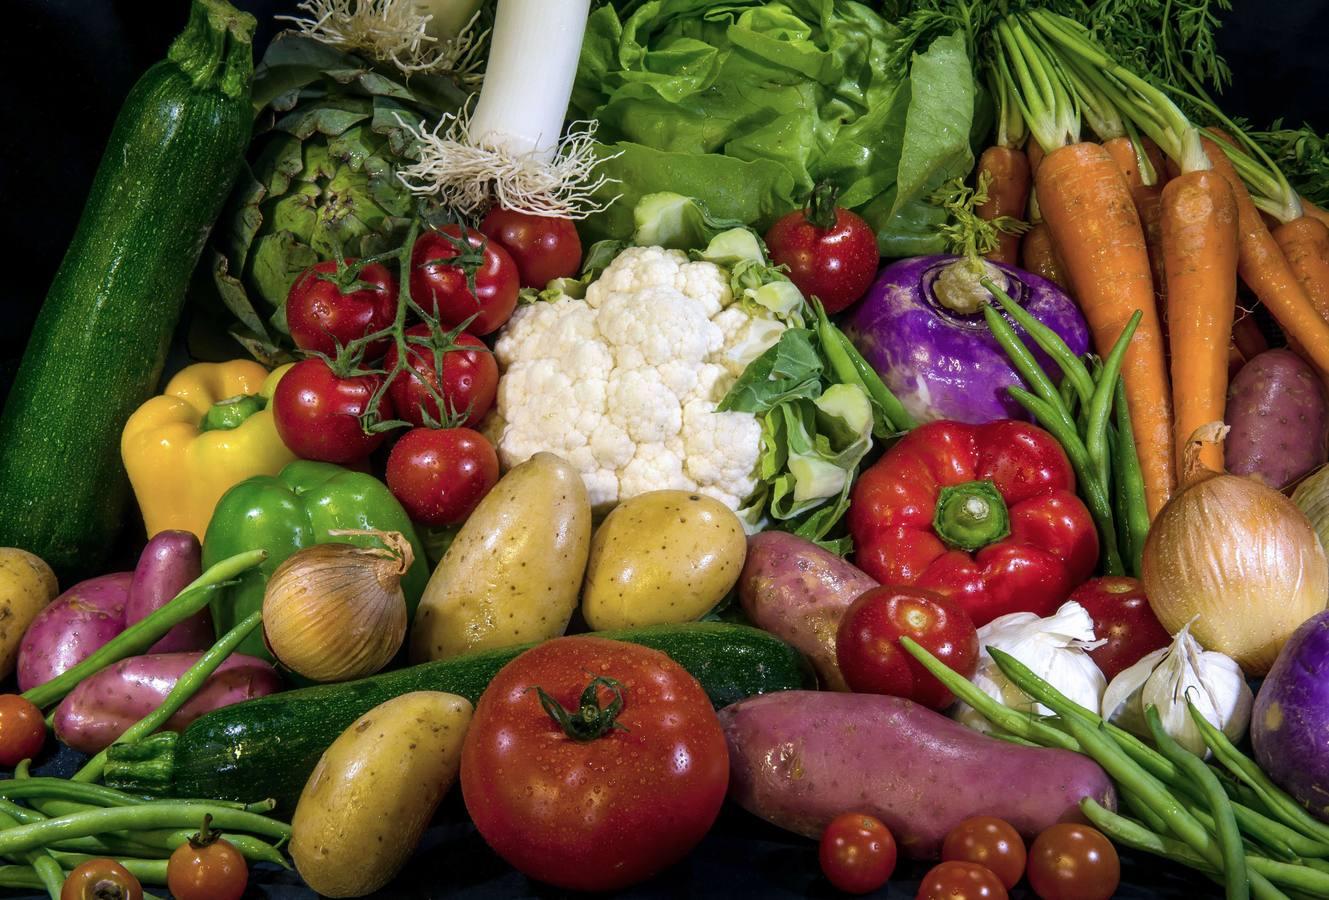 No te pases al cocer la verdura, muchas veces no es tan bueno como piensas